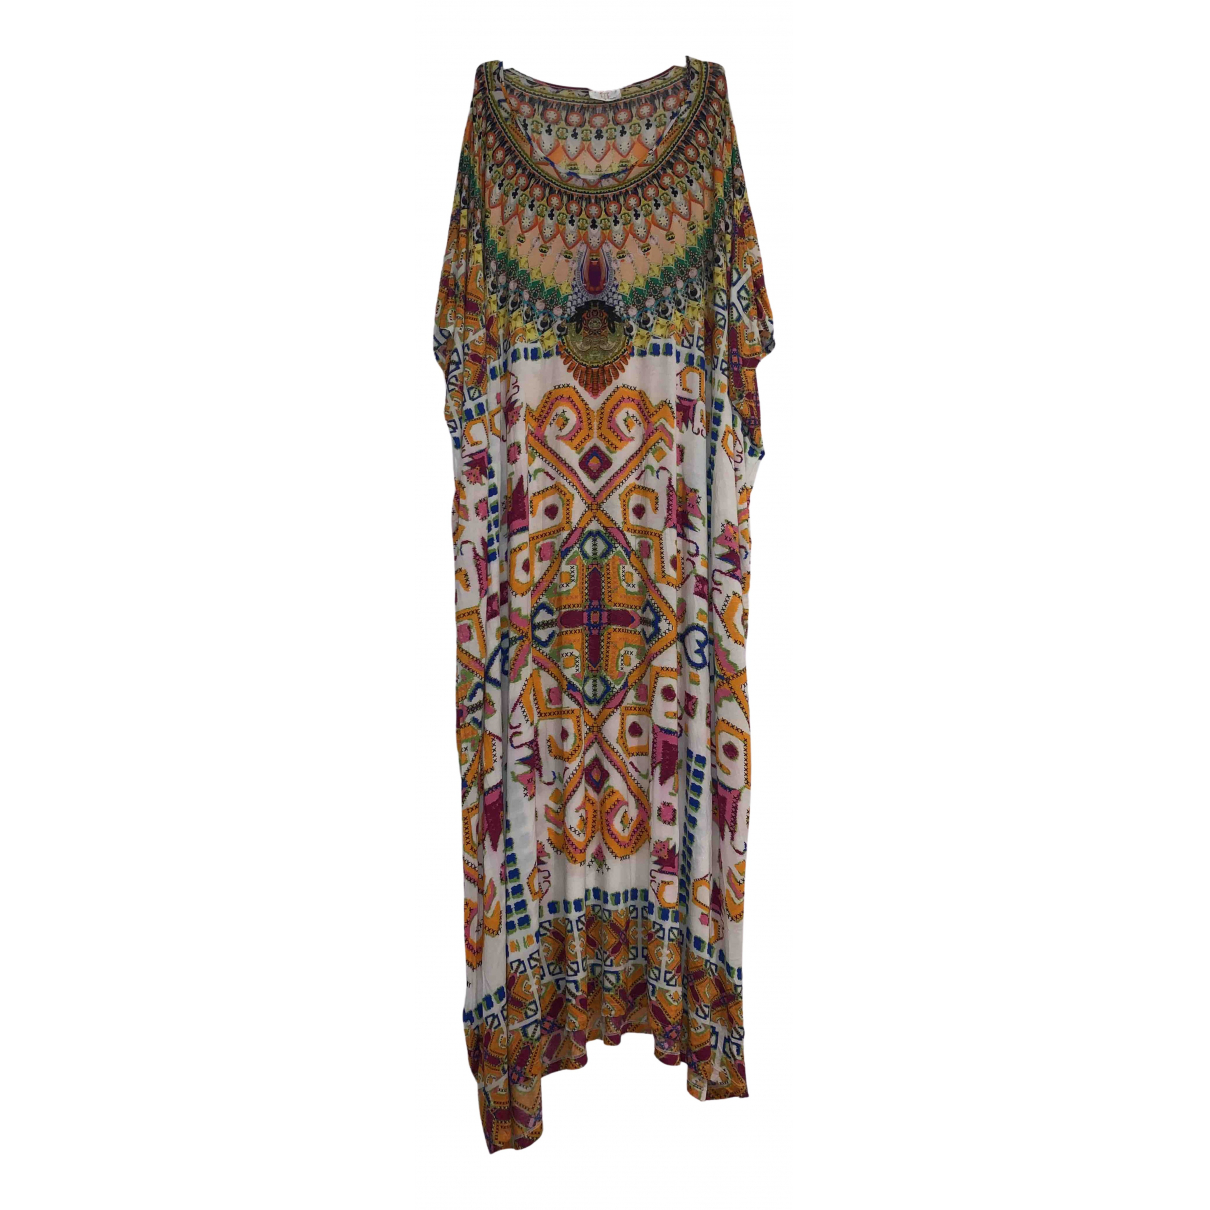 Camilla \N Kleid in  Bunt Baumwolle - Elasthan